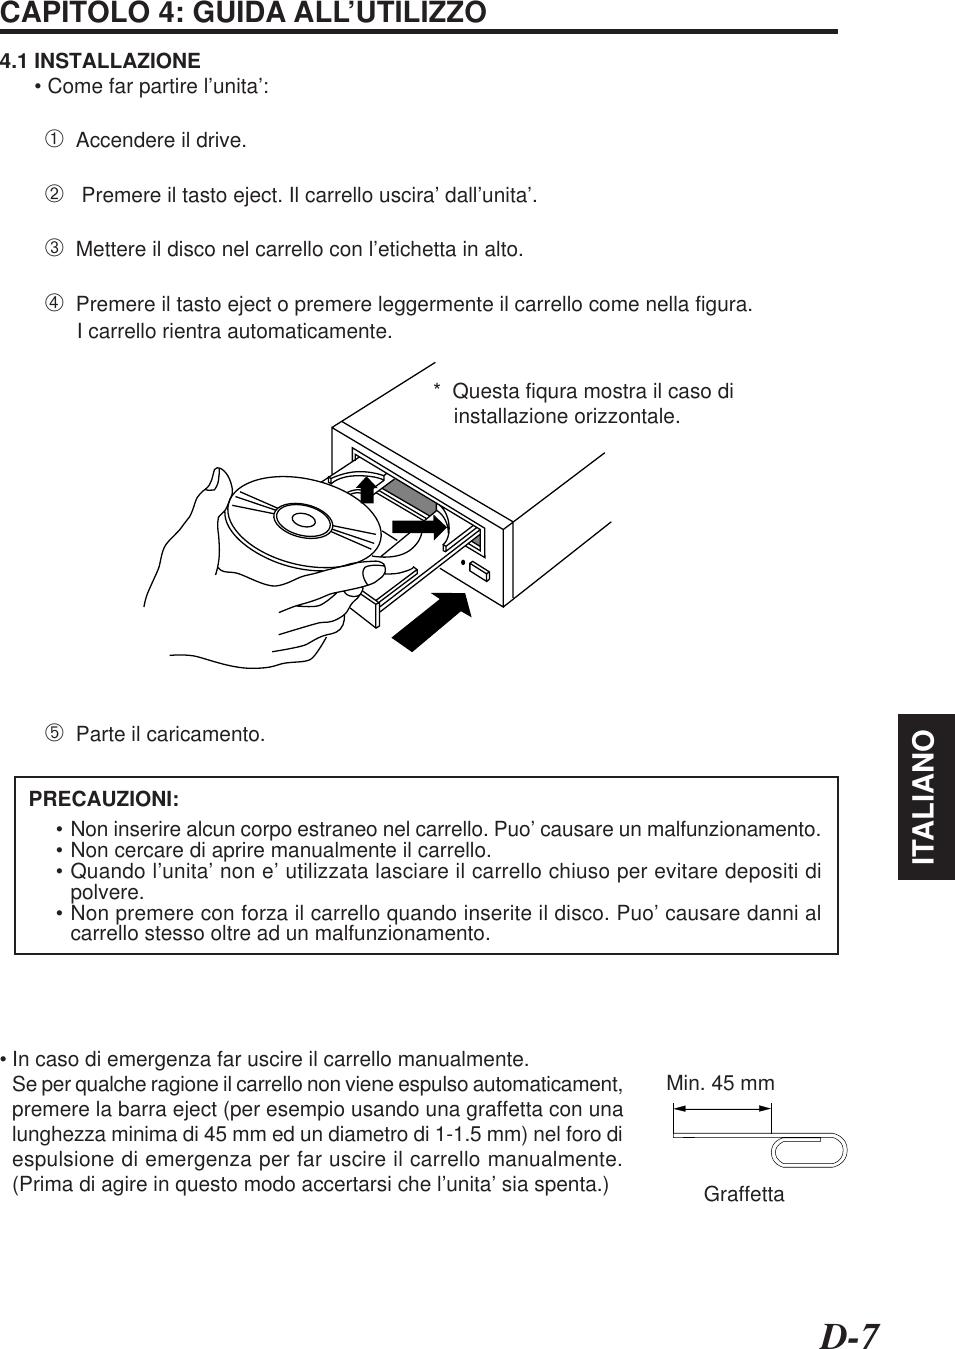 D-7ITALIANOCAPITOLO 4: GUIDA ALL'UTILIZZO4.1 INSTALLAZIONE      • Come far partire l'unita':➀  Accendere il drive.➁   Premere il tasto eject. Il carrello uscira' dall'unita'.➂  Mettere il disco nel carrello con l'etichetta in alto.➃  Premere il tasto eject o premere leggermente il carrello come nella figura.I carrello rientra automaticamente.➄  Parte il caricamento.*  Questa fiqura mostra il caso diinstallazione orizzontale.• Non inserire alcun corpo estraneo nel carrello. Puo' causare un malfunzionamento.• Non cercare di aprire manualmente il carrello.• Quando l'unita' non e' utilizzata lasciare il carrello chiuso per evitare depositi dipolvere.• Non premere con forza il carrello quando inserite il disco. Puo' causare danni alcarrello stesso oltre ad un malfunzionamento.     PRECAUZIONI:• In caso di emergenza far uscire il carrello manualmente.Se per qualche ragione il carrello non viene espulso automaticament,premere la barra eject (per esempio usando una graffetta con unalunghezza minima di 45 mm ed un diametro di 1-1.5 mm) nel foro diespulsione di emergenza per far uscire il carrello manualmente.(Prima di agire in questo modo accertarsi che l'unita' sia spenta.)Min. 45 mmGraffetta